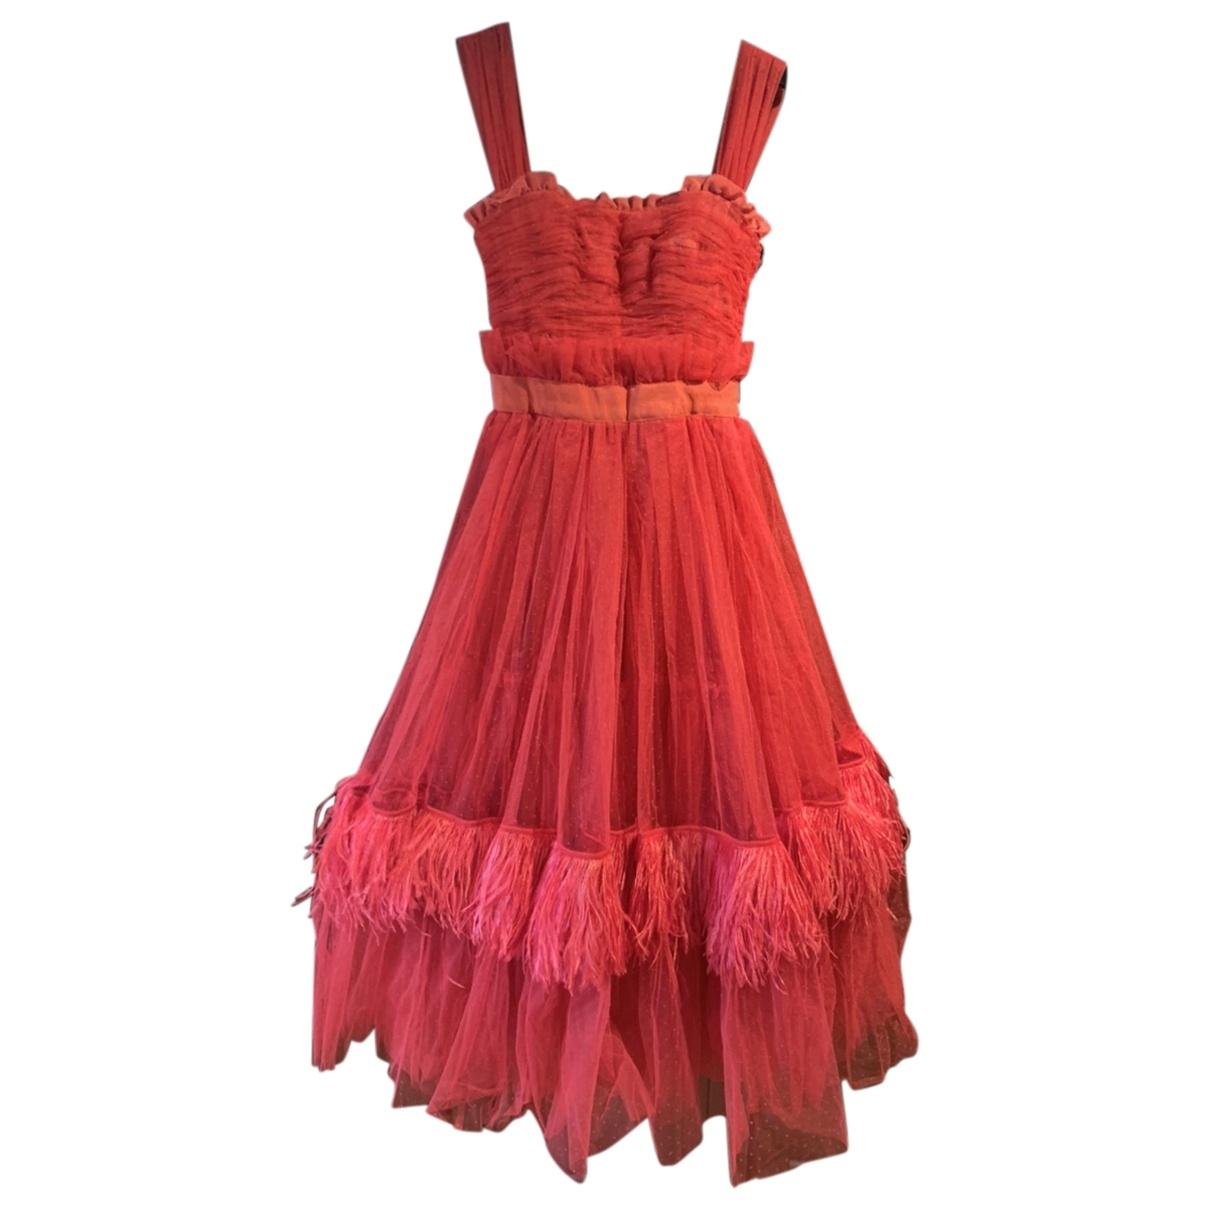 Dolce & Gabbana \N Red dress for Women 38 IT